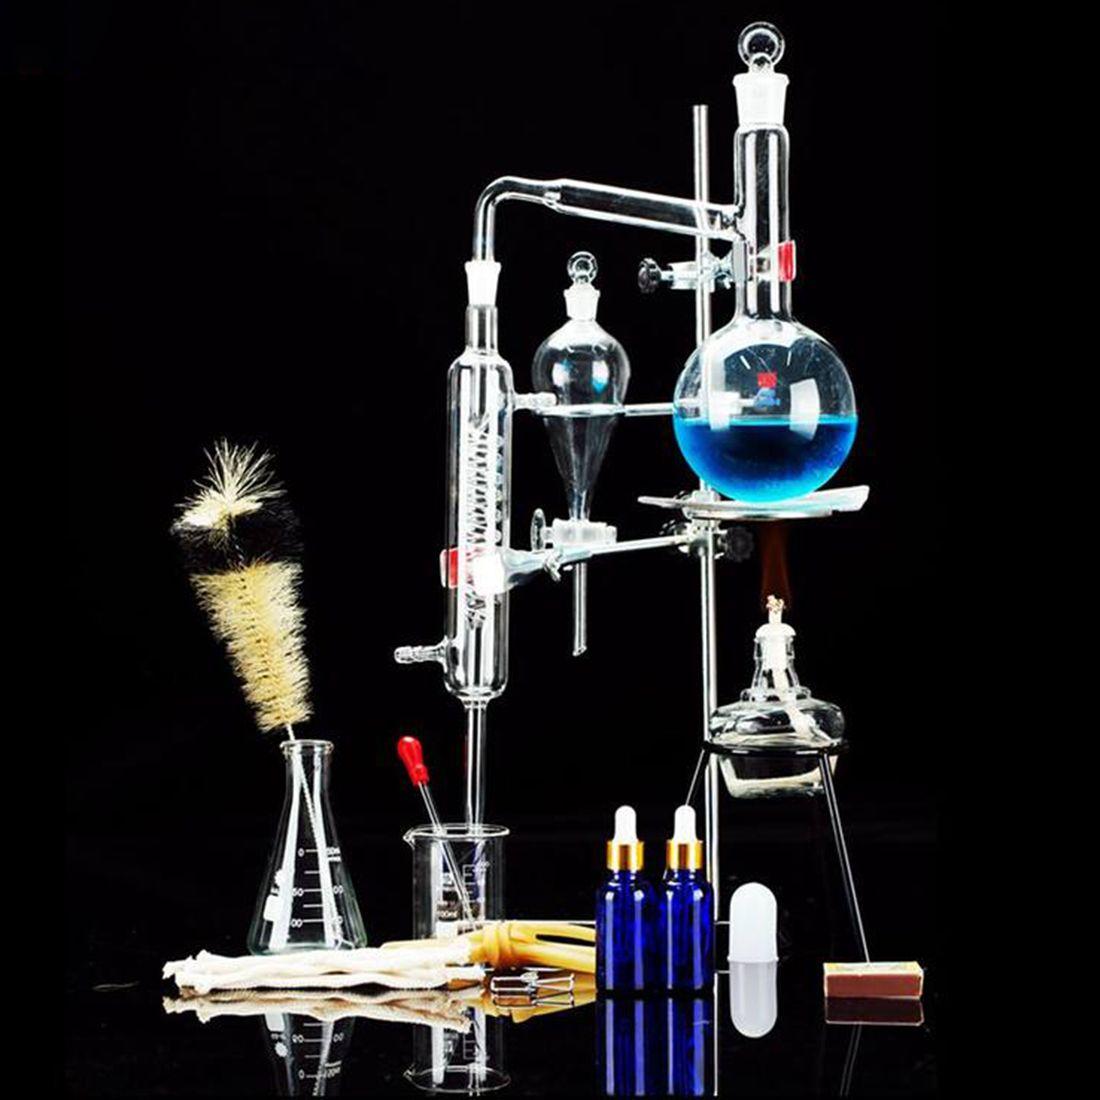 Brennerei Limbeck Glas Destilliertem Wasser Gerät Chemische Lehre Instrument für Labor kinder kinder pädagogisches wissenschaft spielzeug